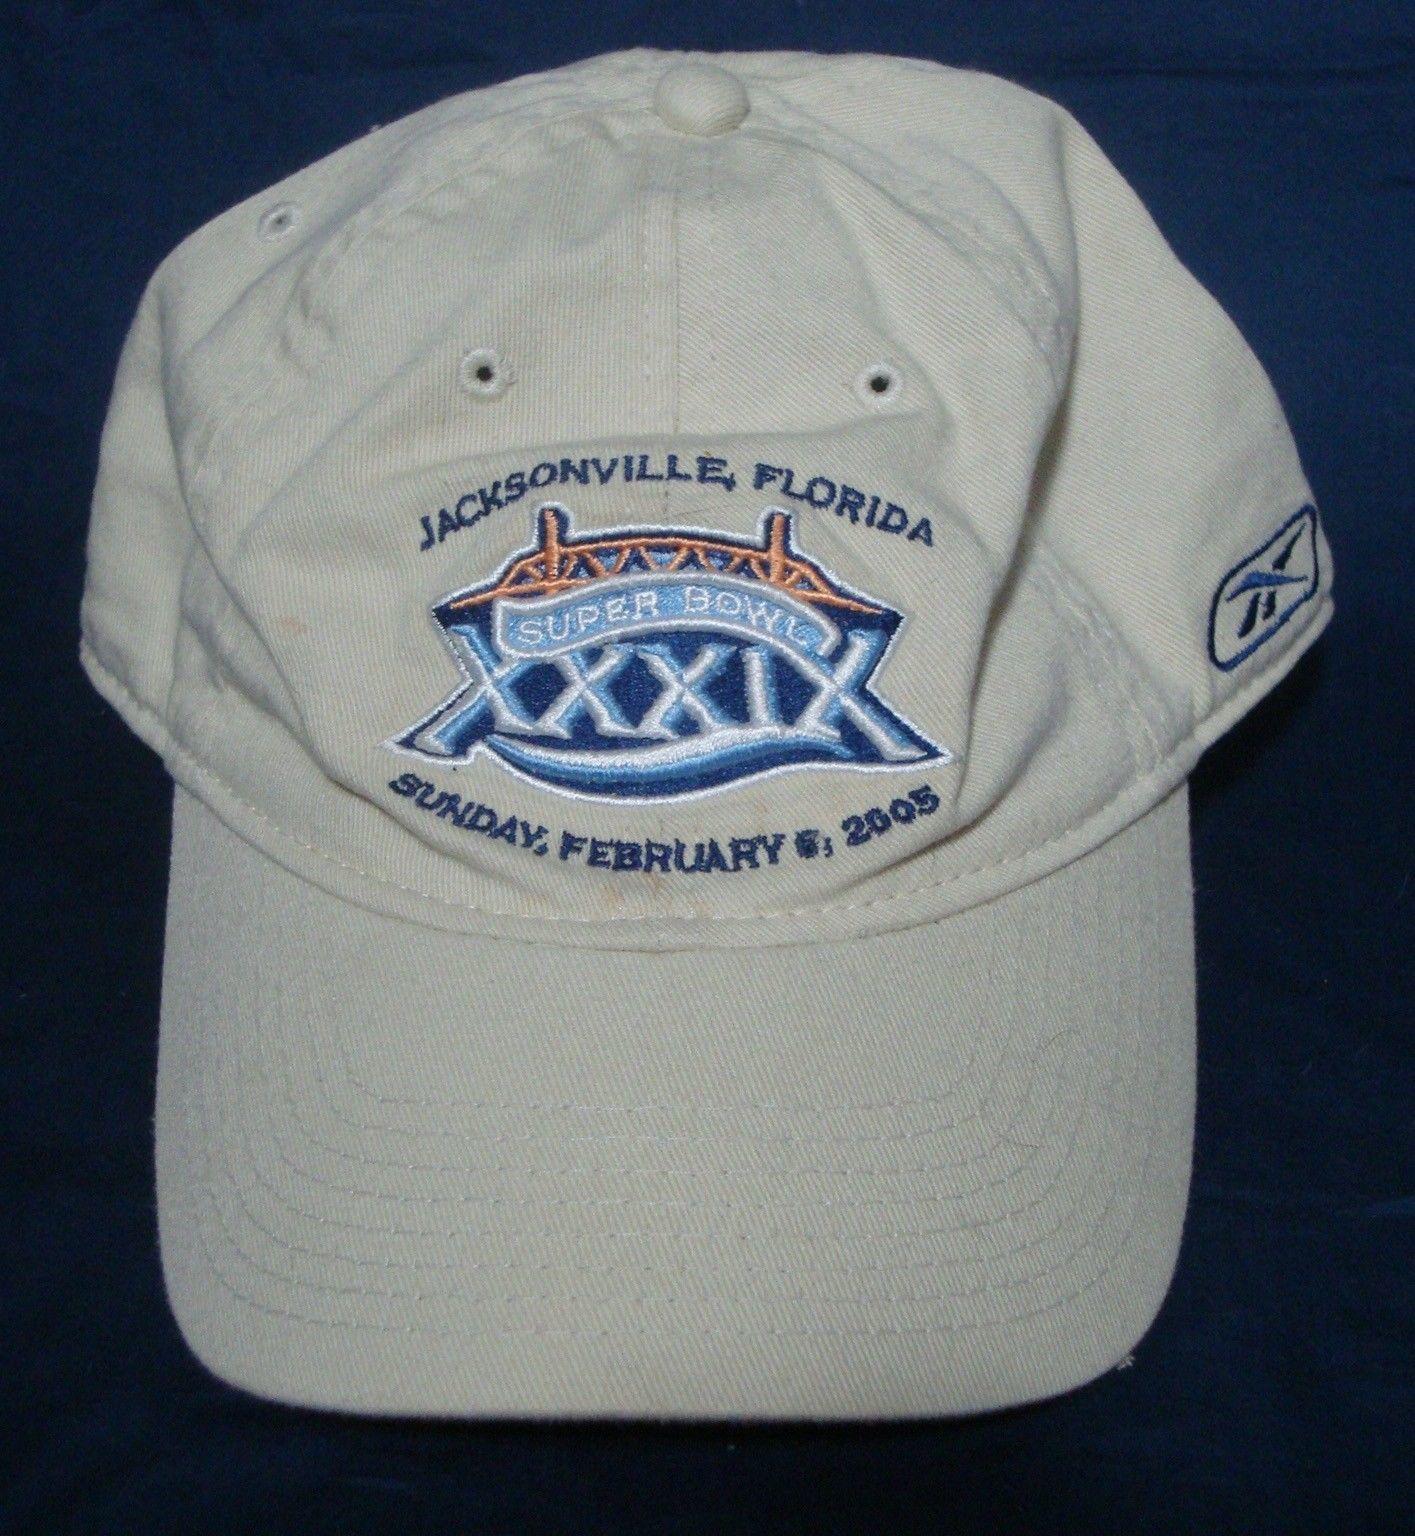 d581d361 Reebok Jersey (2000s): 55 listings